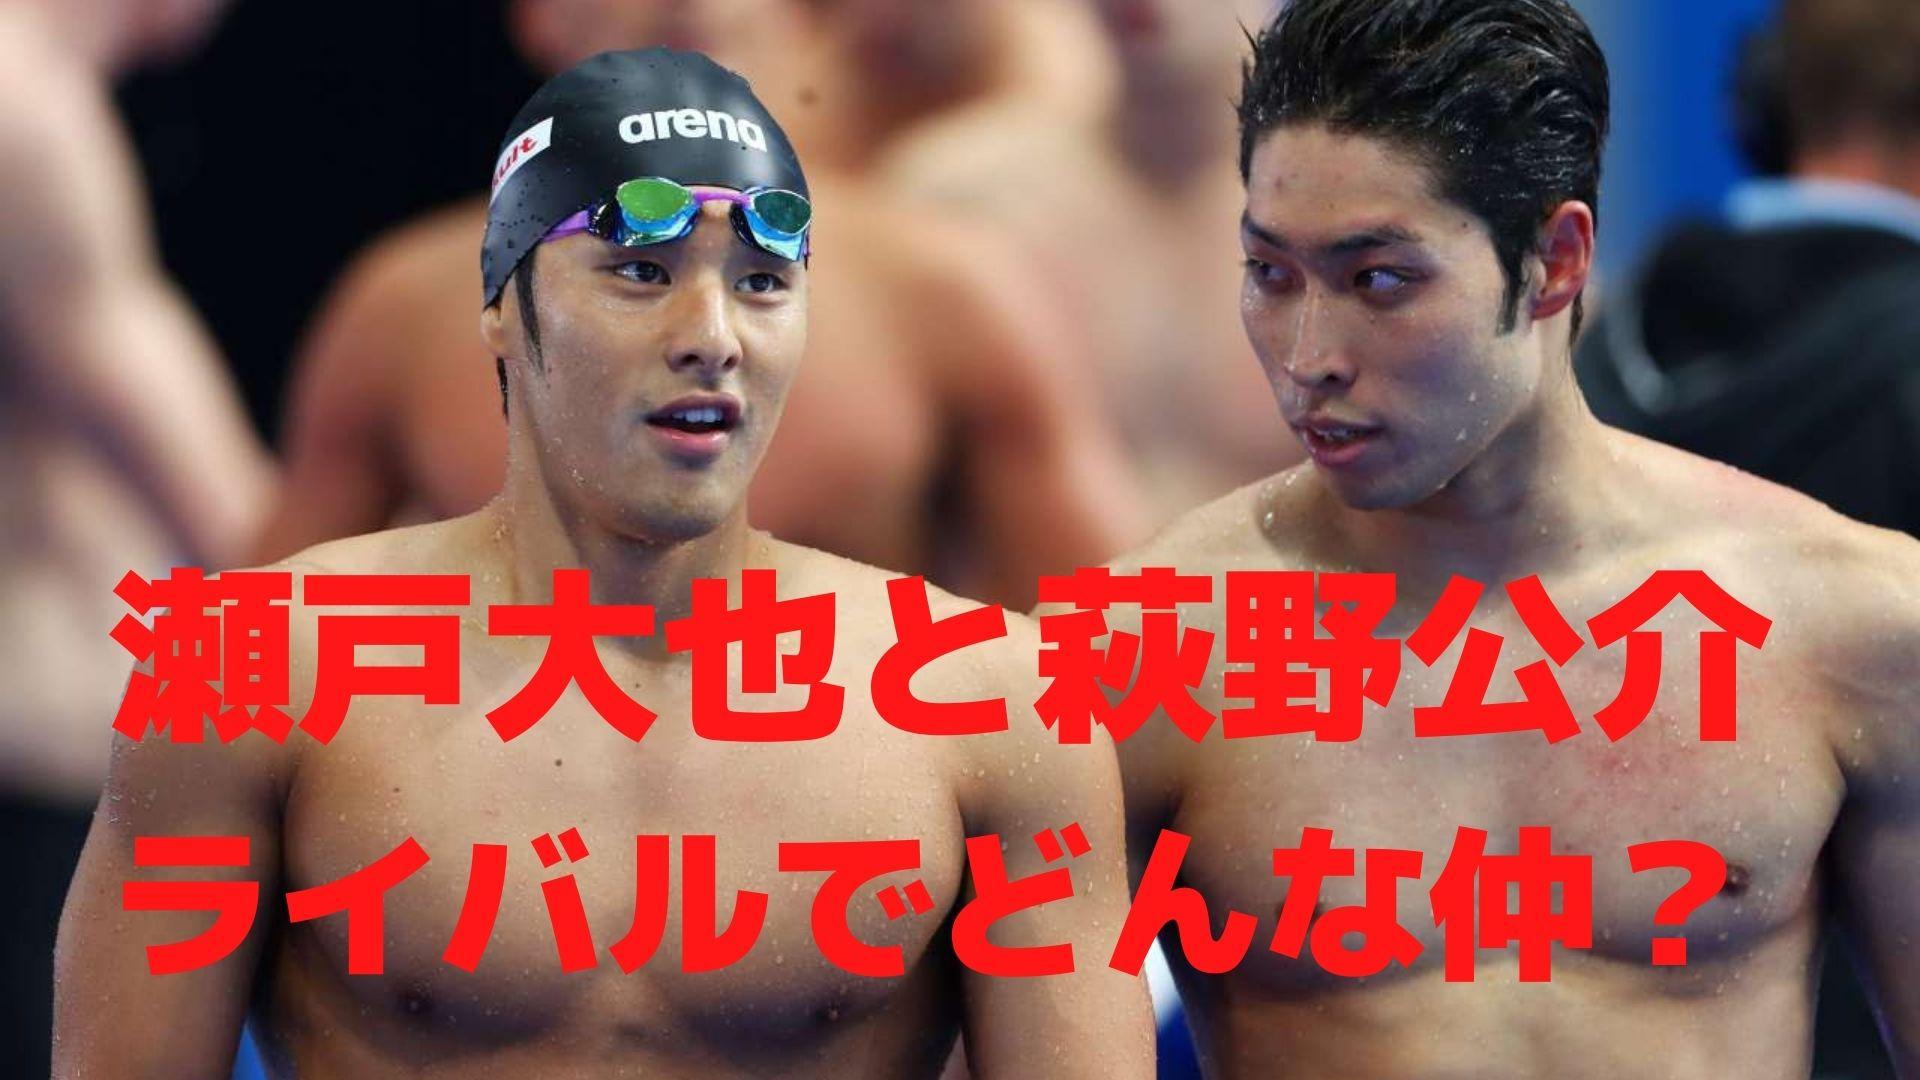 daiya-seto-kosuke-hagino